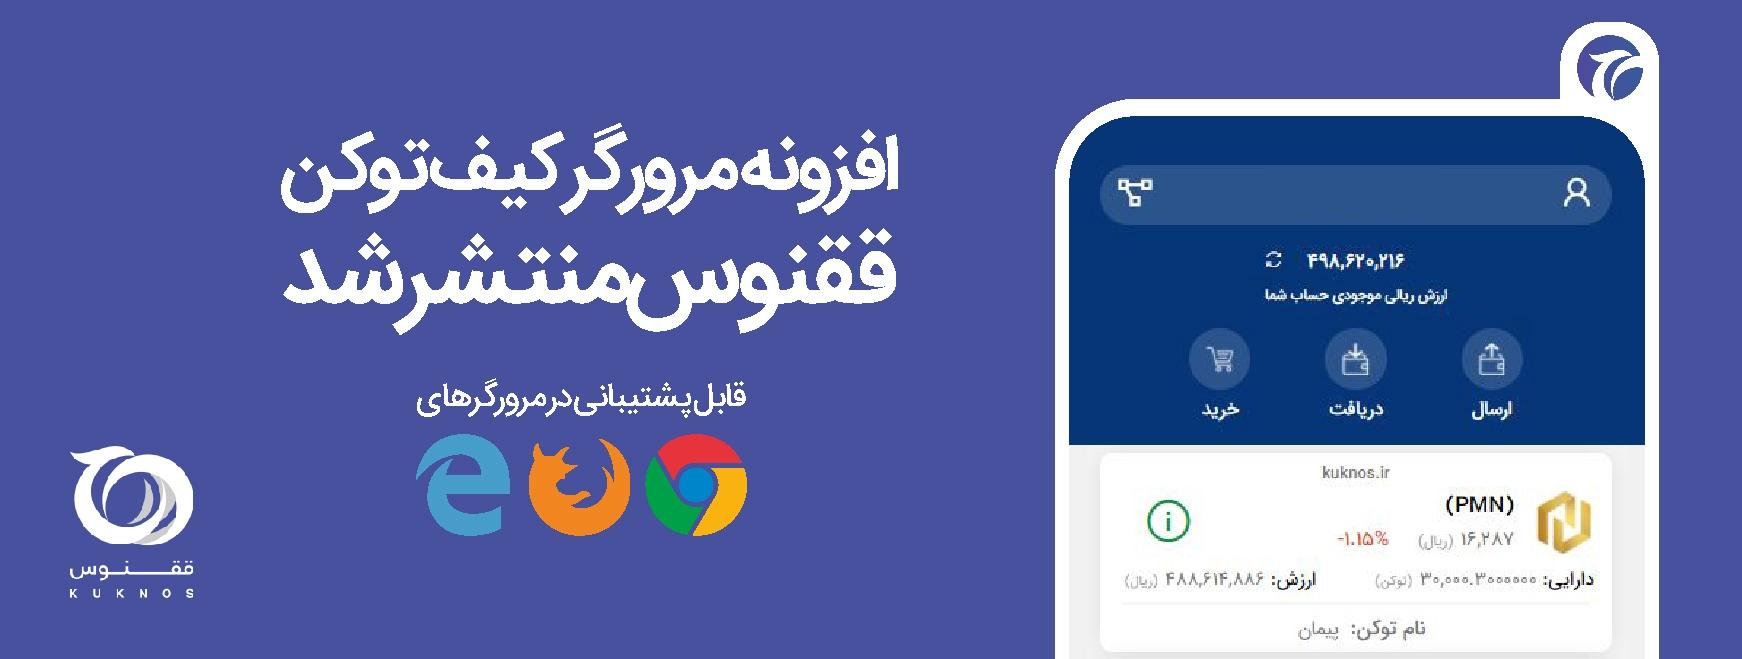 افزونه مرورگر کیف توکن ققنوس، برای مرورگرهای گوگل کروم، فایرفاکس و مایکروسافت اج منتشر شد تا کاربران به صورت تحت وب از آن استفاده کنند.